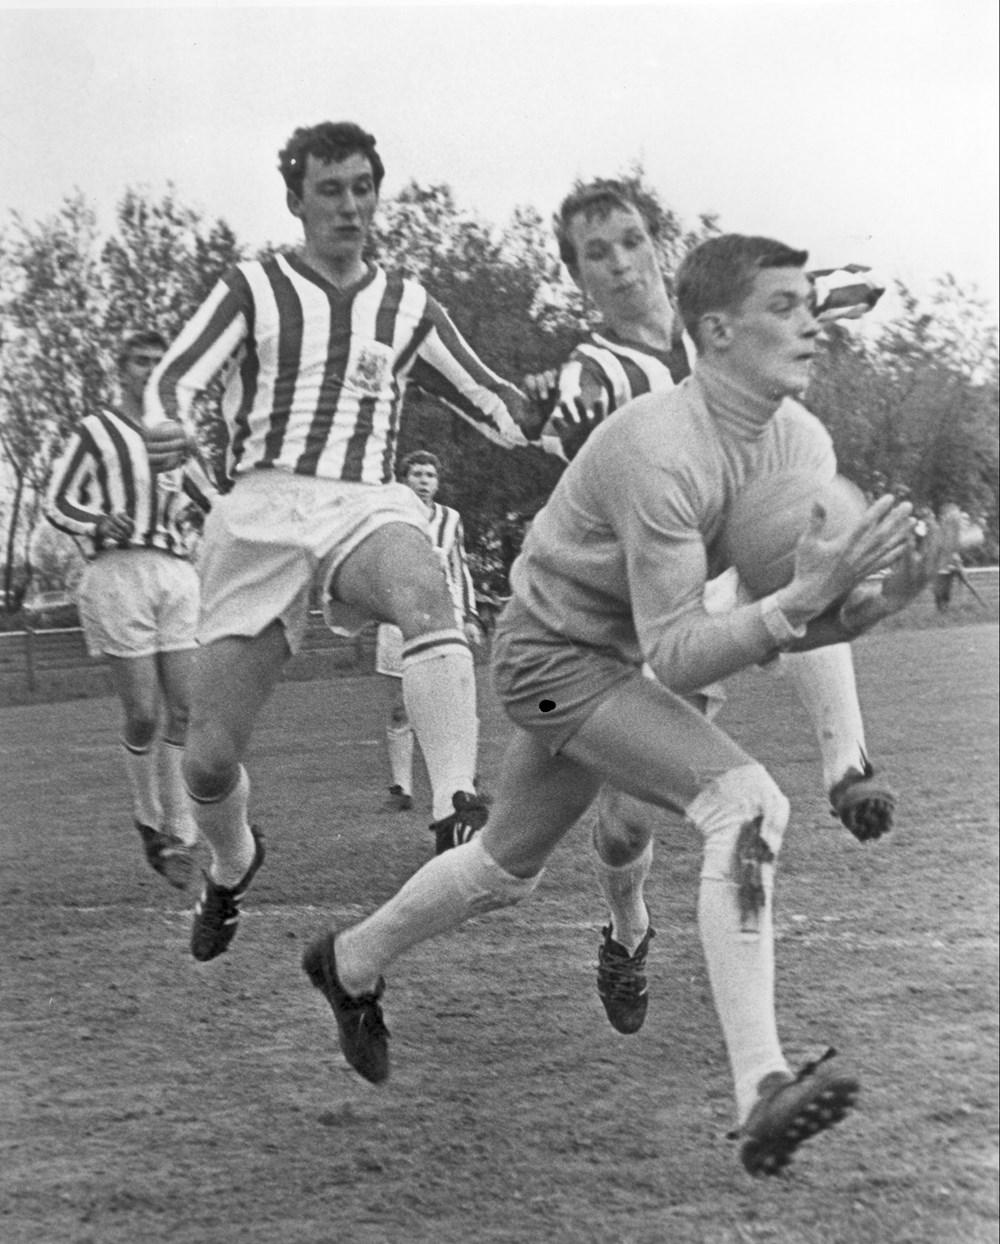 1967 Voetbal Z.A.C. jeugd tot 20 jaa